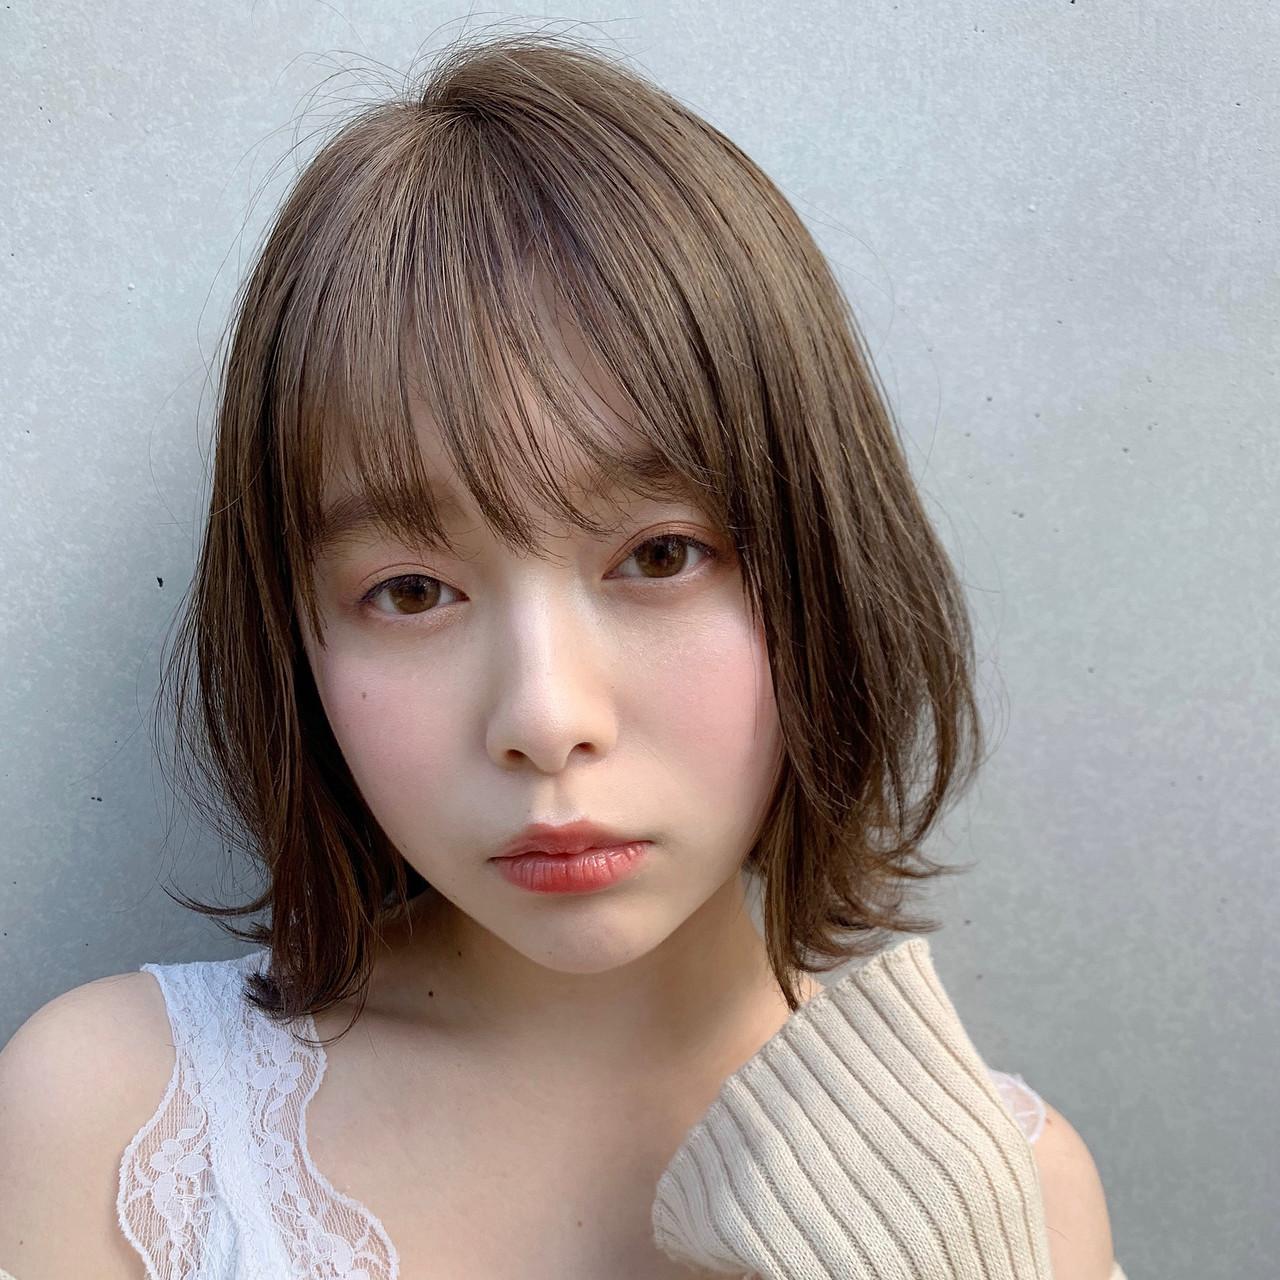 ナチュラル アンニュイほつれヘア ボブ 大人かわいい ヘアスタイルや髪型の写真・画像 | Natsuko Kodama 児玉奈都子 / dydi